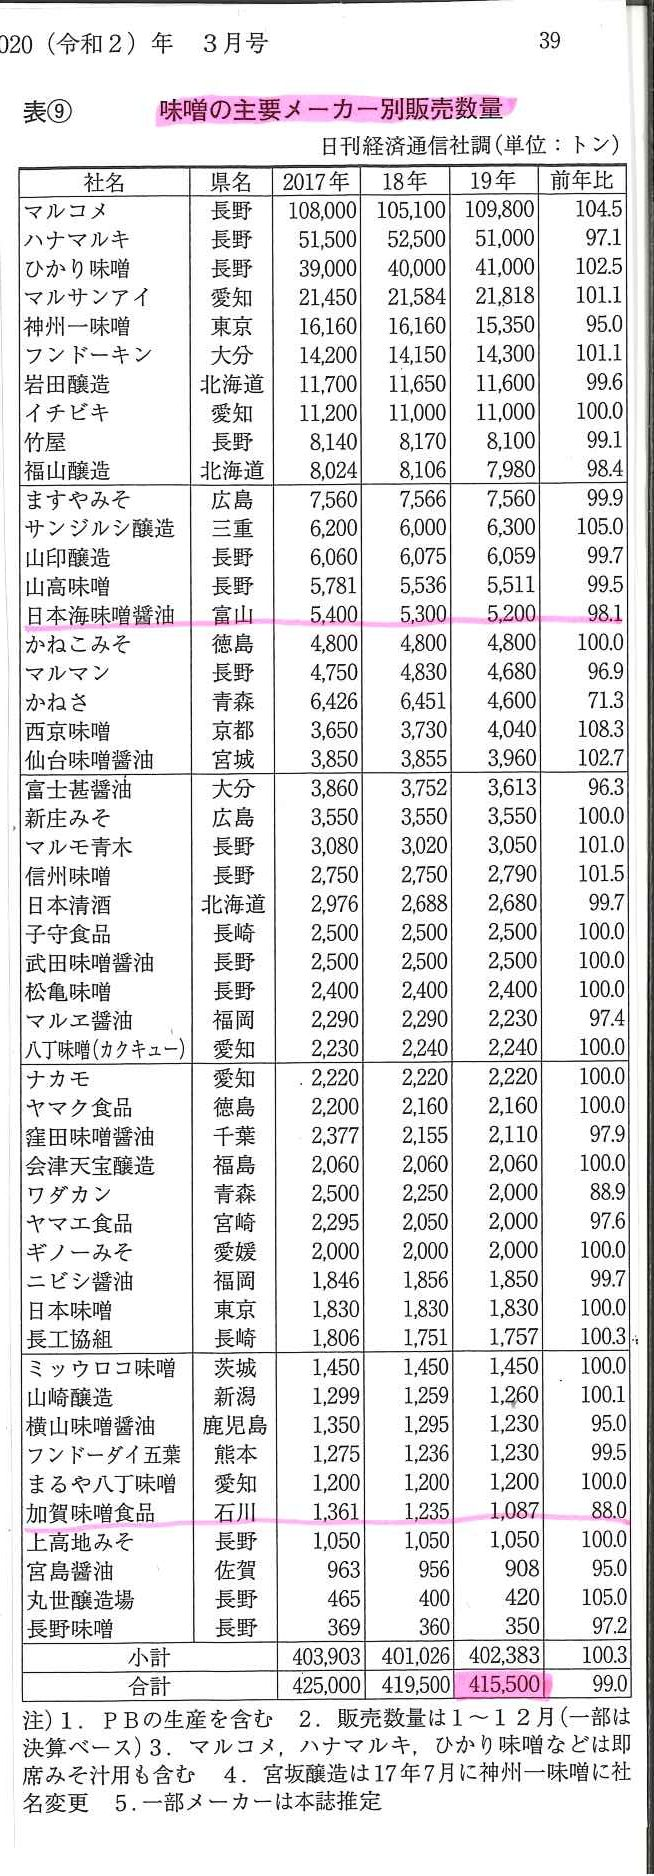 味噌の主要メーカー別 販売数量